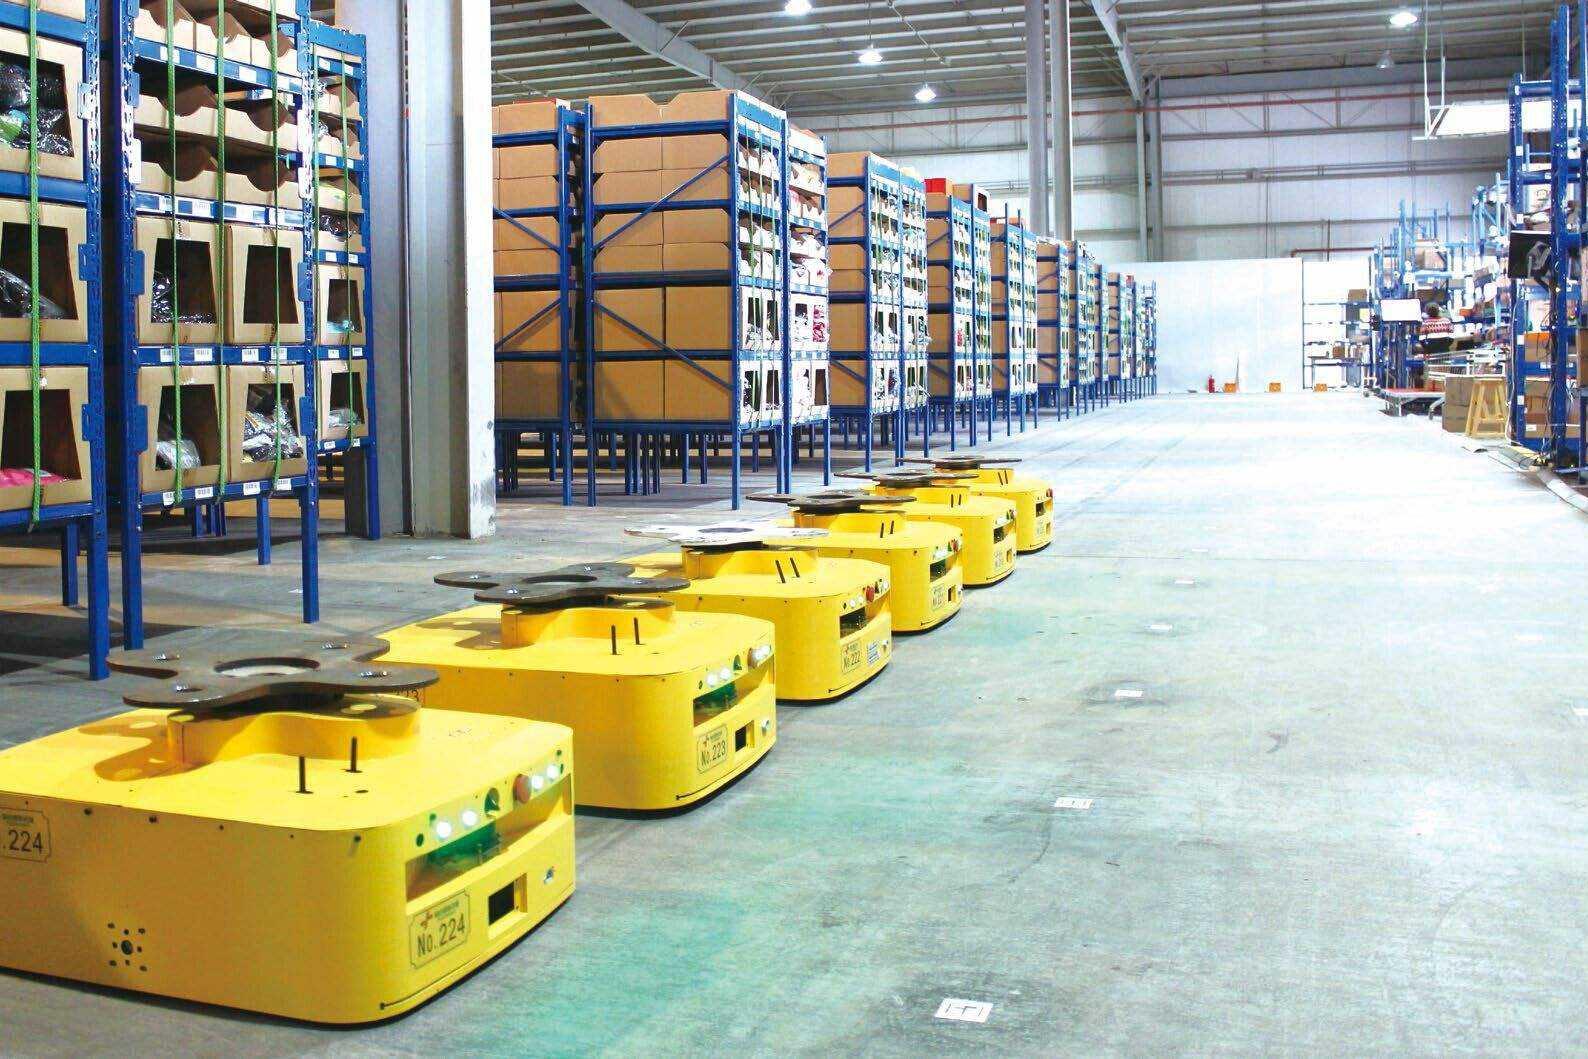 南京電商倉儲物流-關于自動化倉儲機器人的價格?